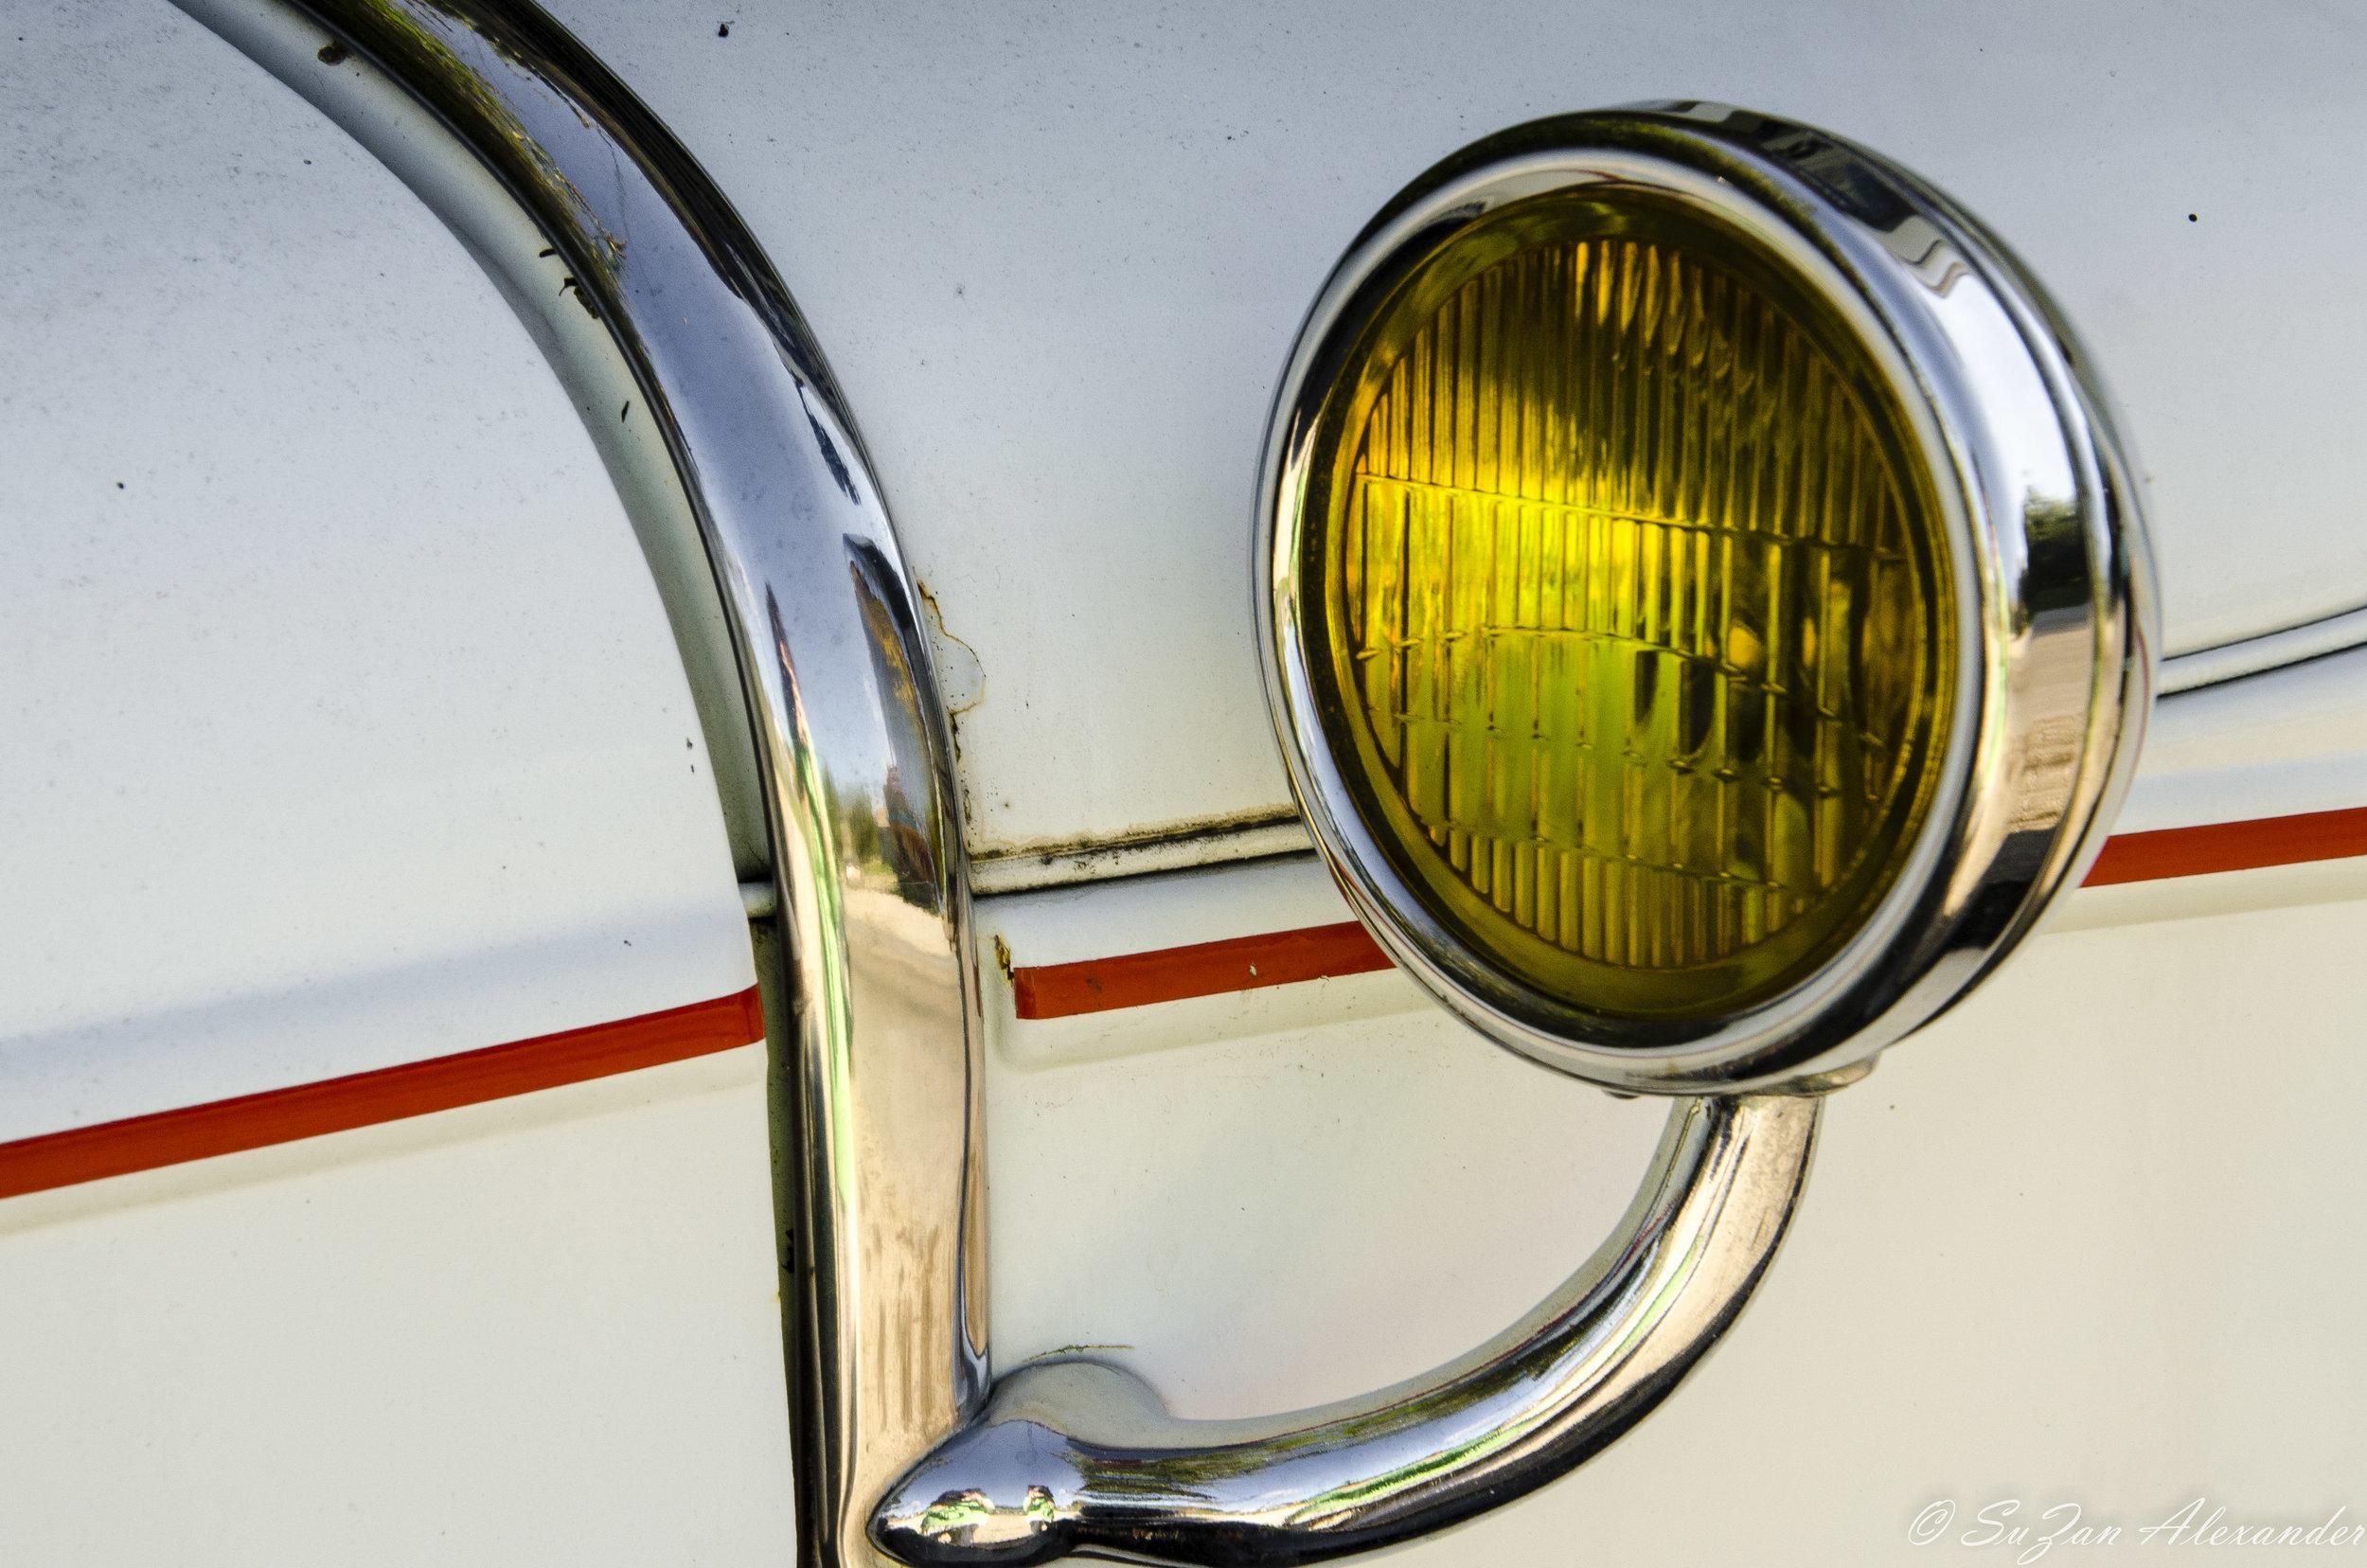 CarLight-1.jpg